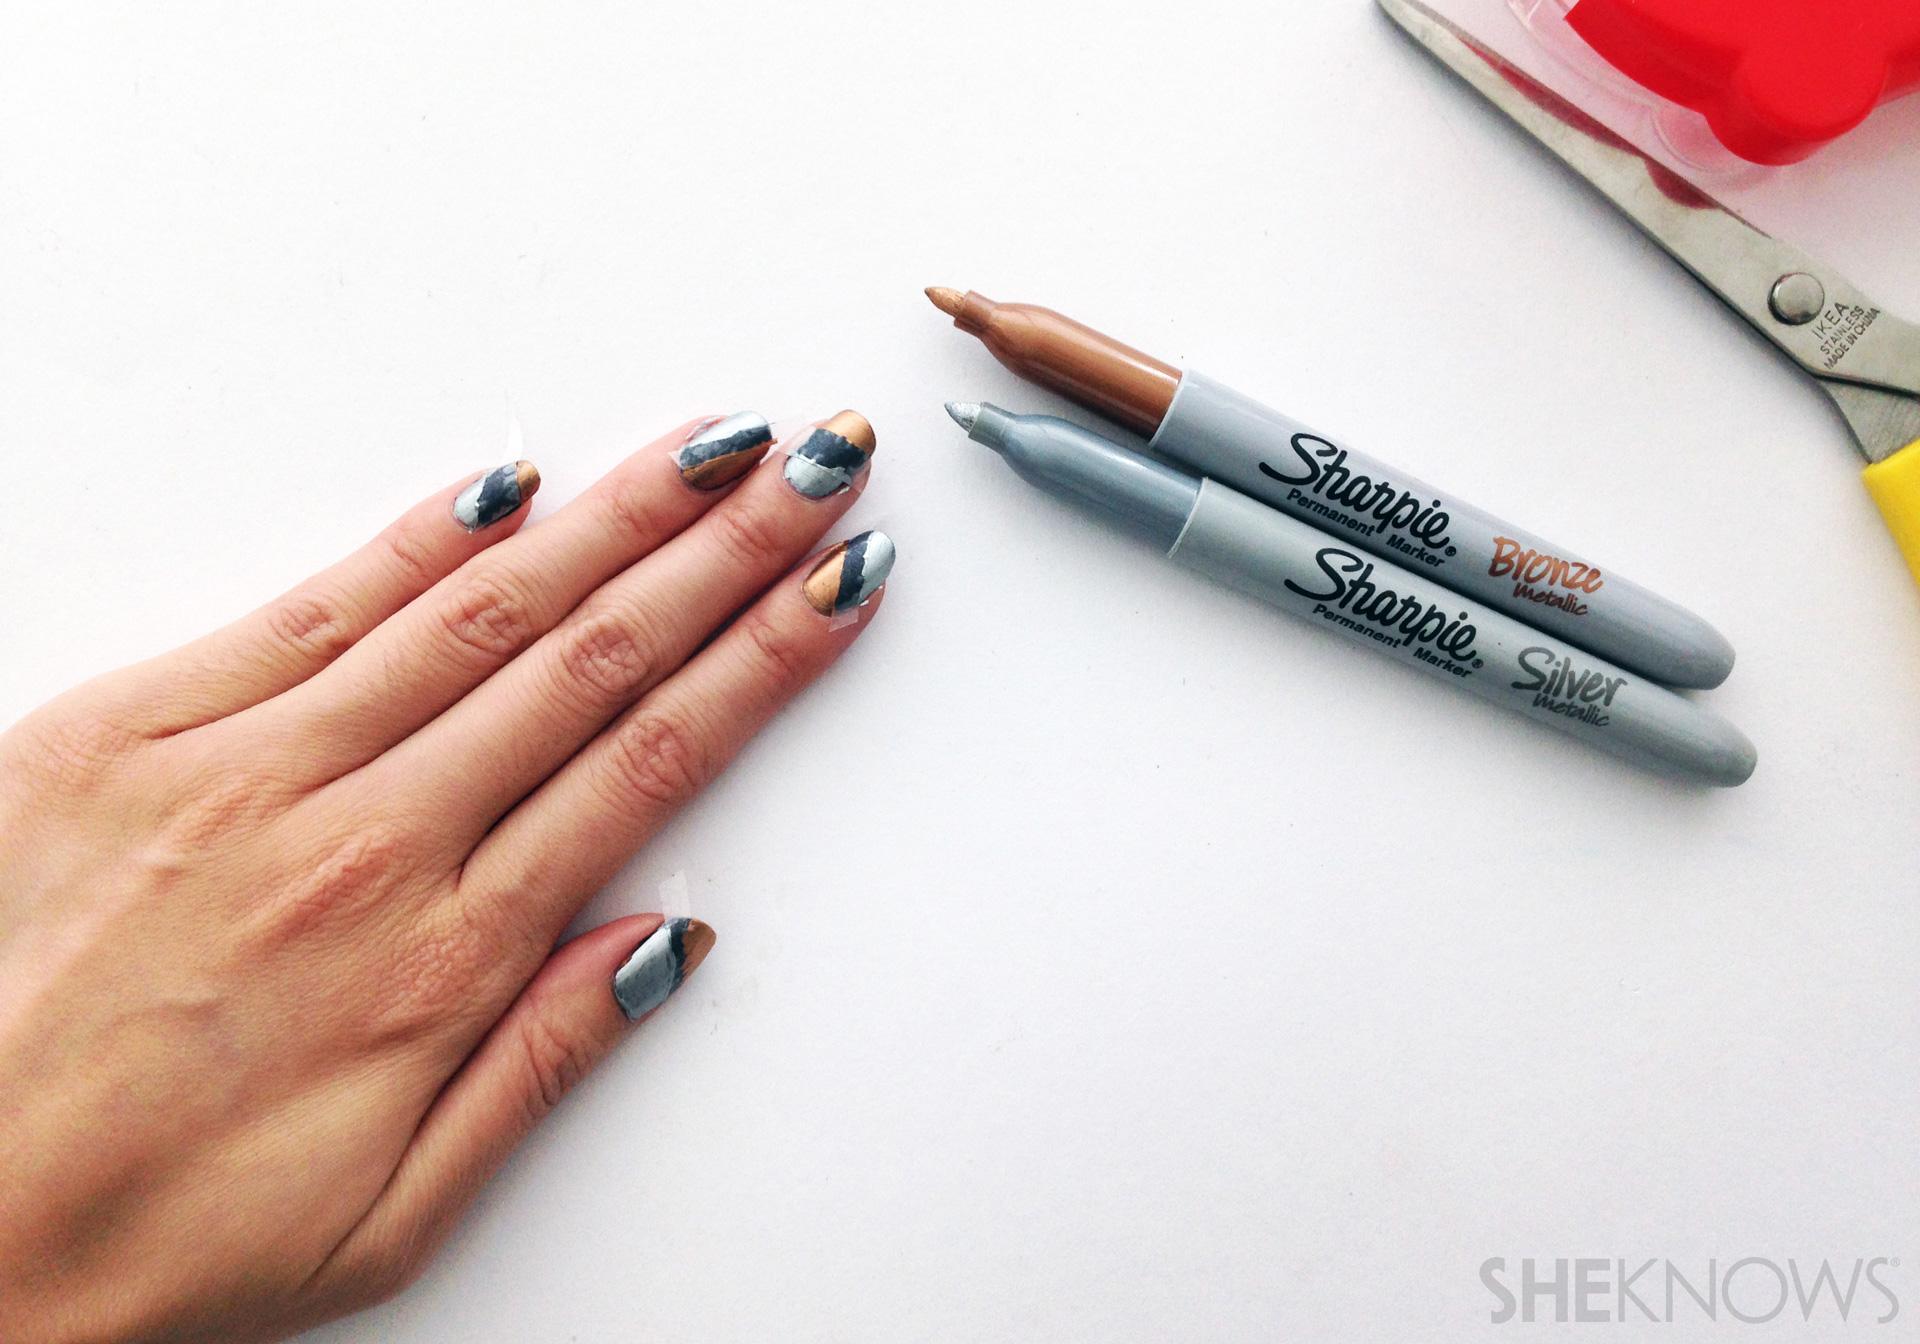 Step 2: Paint your design